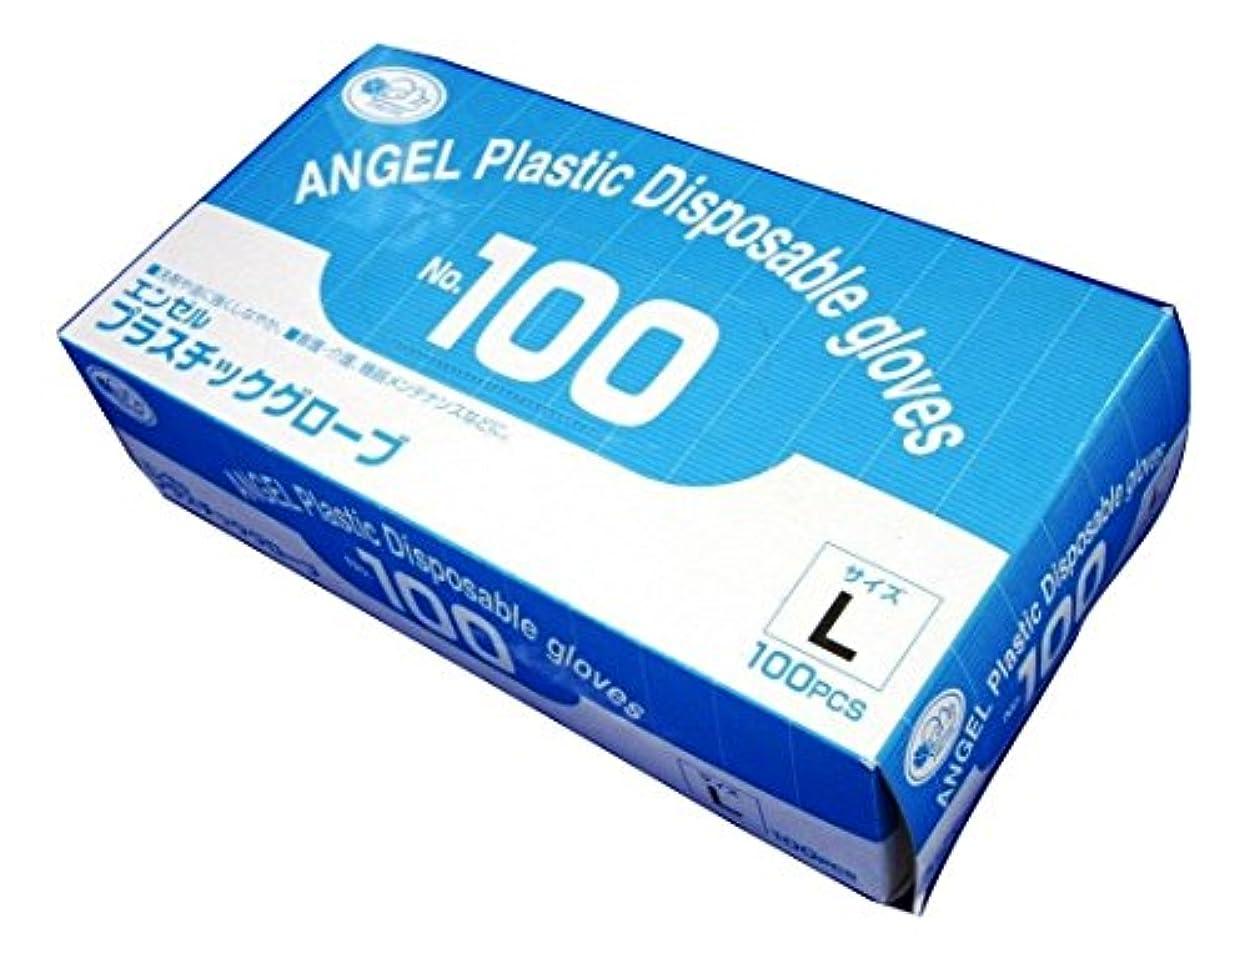 レビュアー協定普通にサンフラワー No.100 プラスチックグローブ 粉付 100枚入り (L)